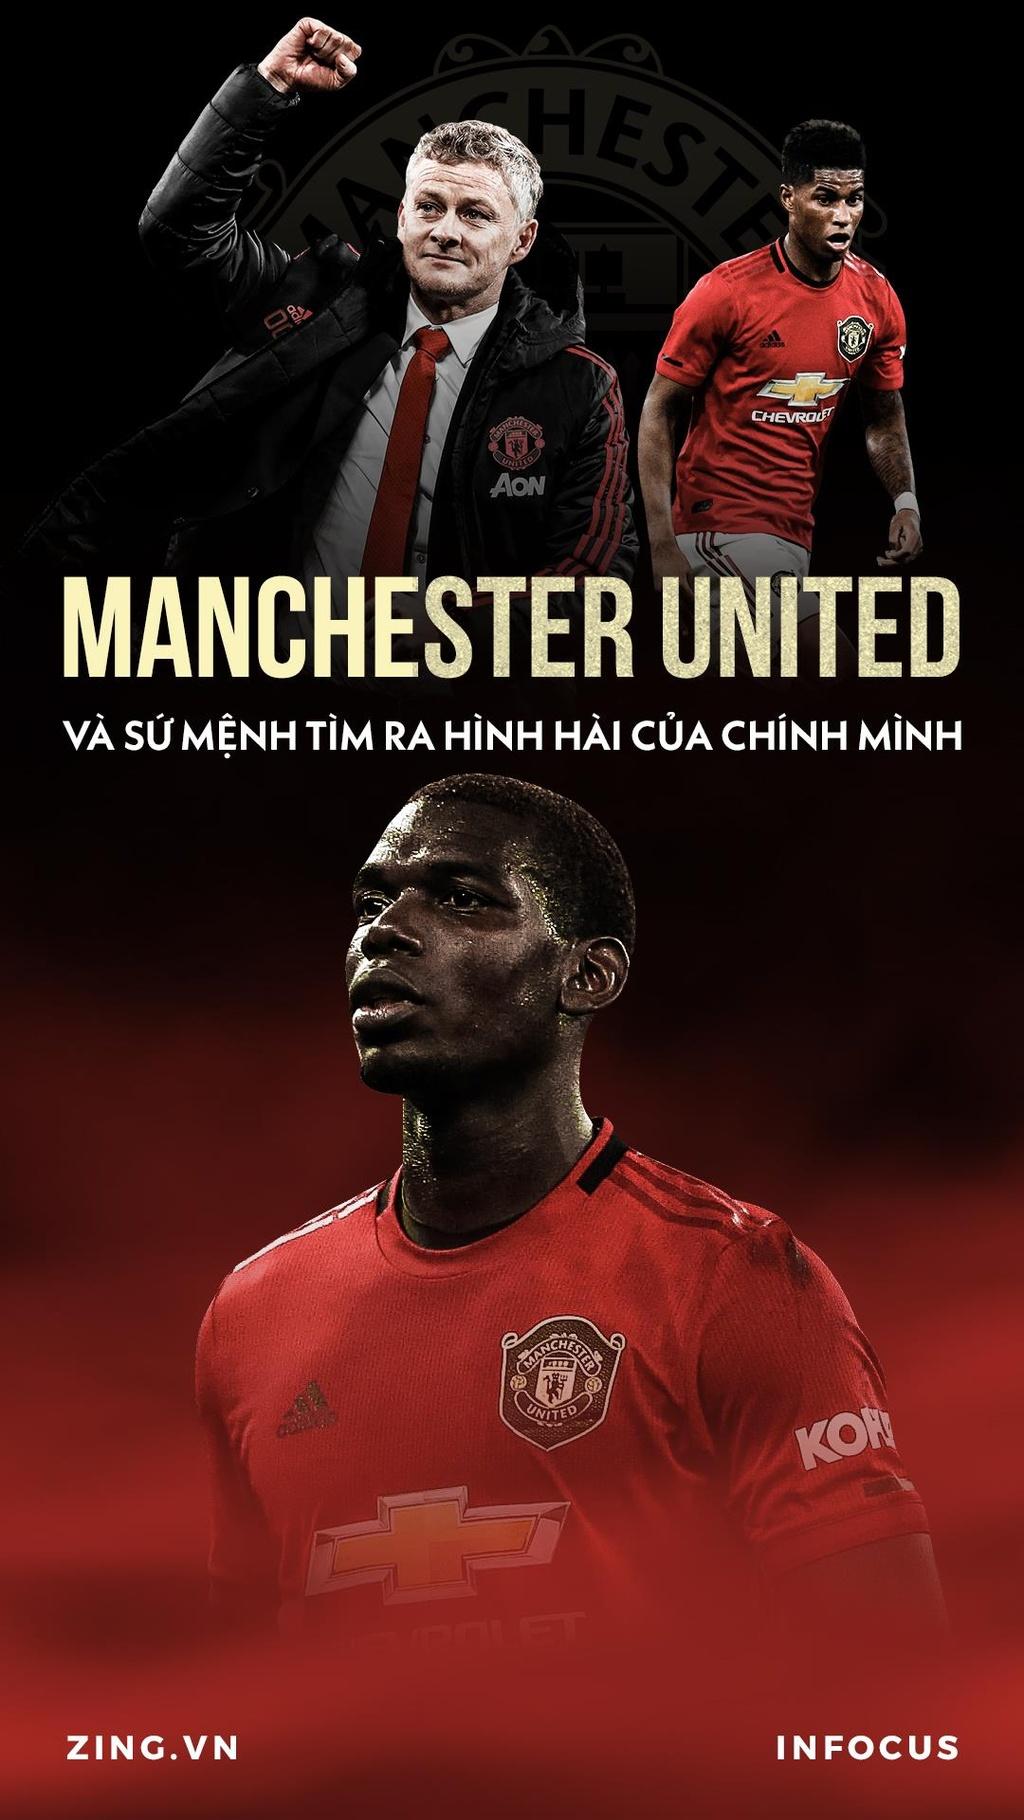 Man United va su menh tim ra hinh hai cua chinh minh hinh anh 1